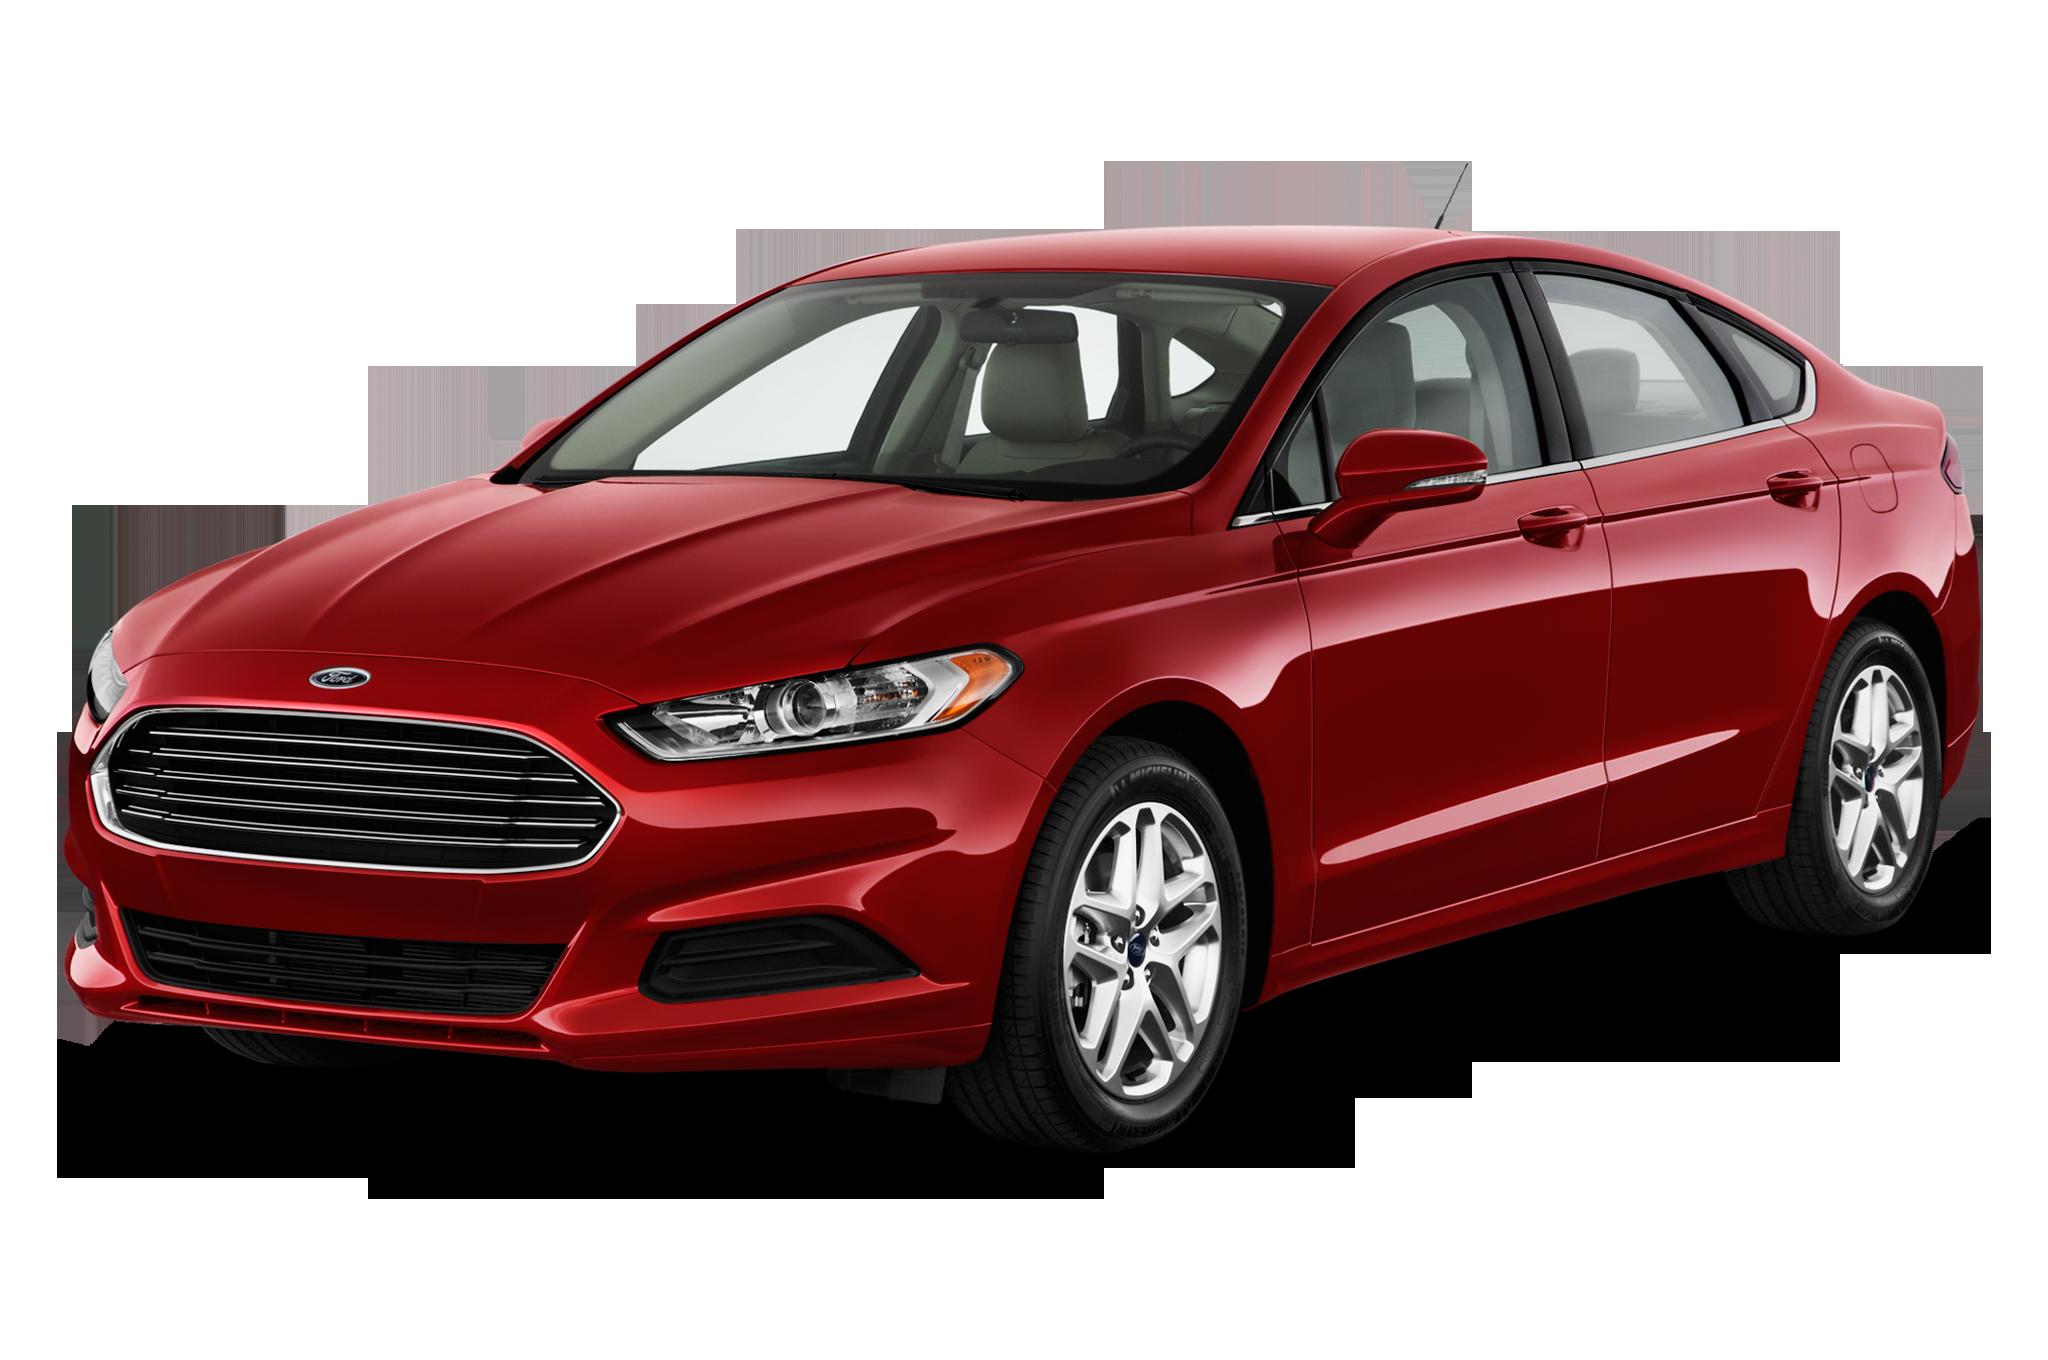 2015 ford fusion drops 1 6l ecoboost engine manual transmission. Black Bedroom Furniture Sets. Home Design Ideas